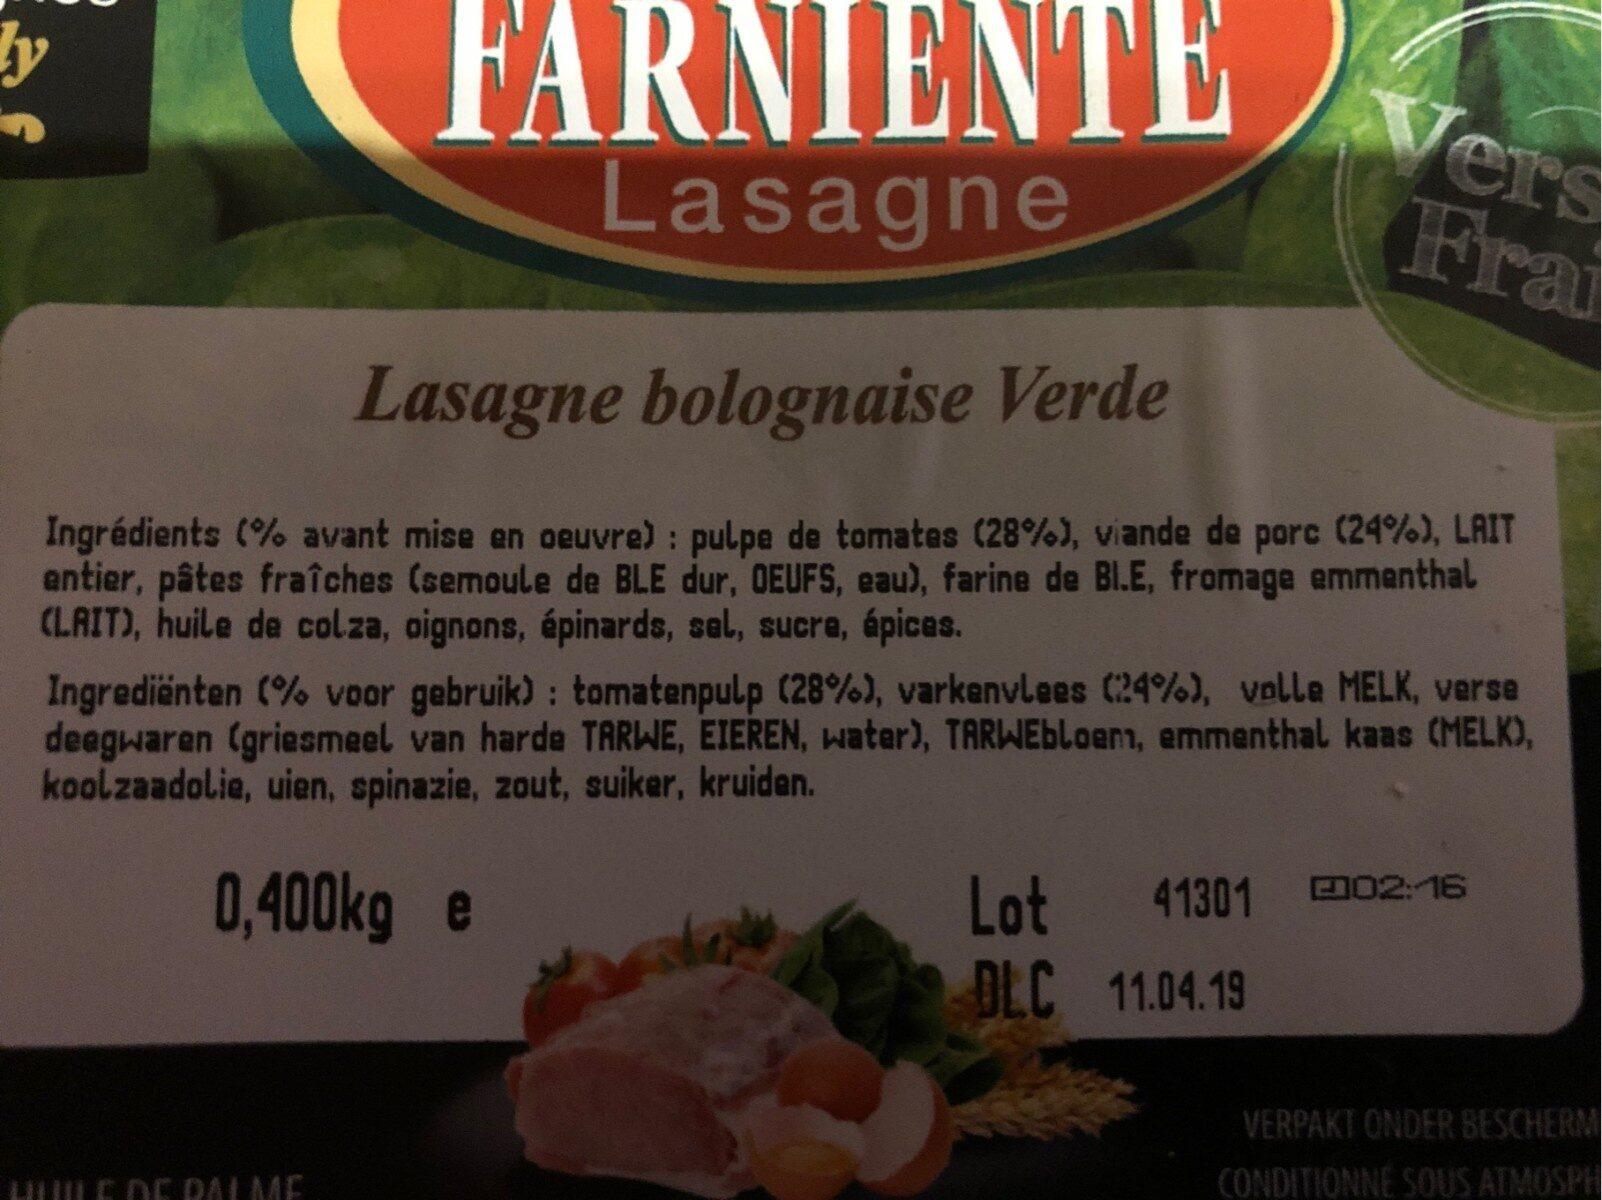 Lasagne bolognaise verde - Ingrediënten - fr